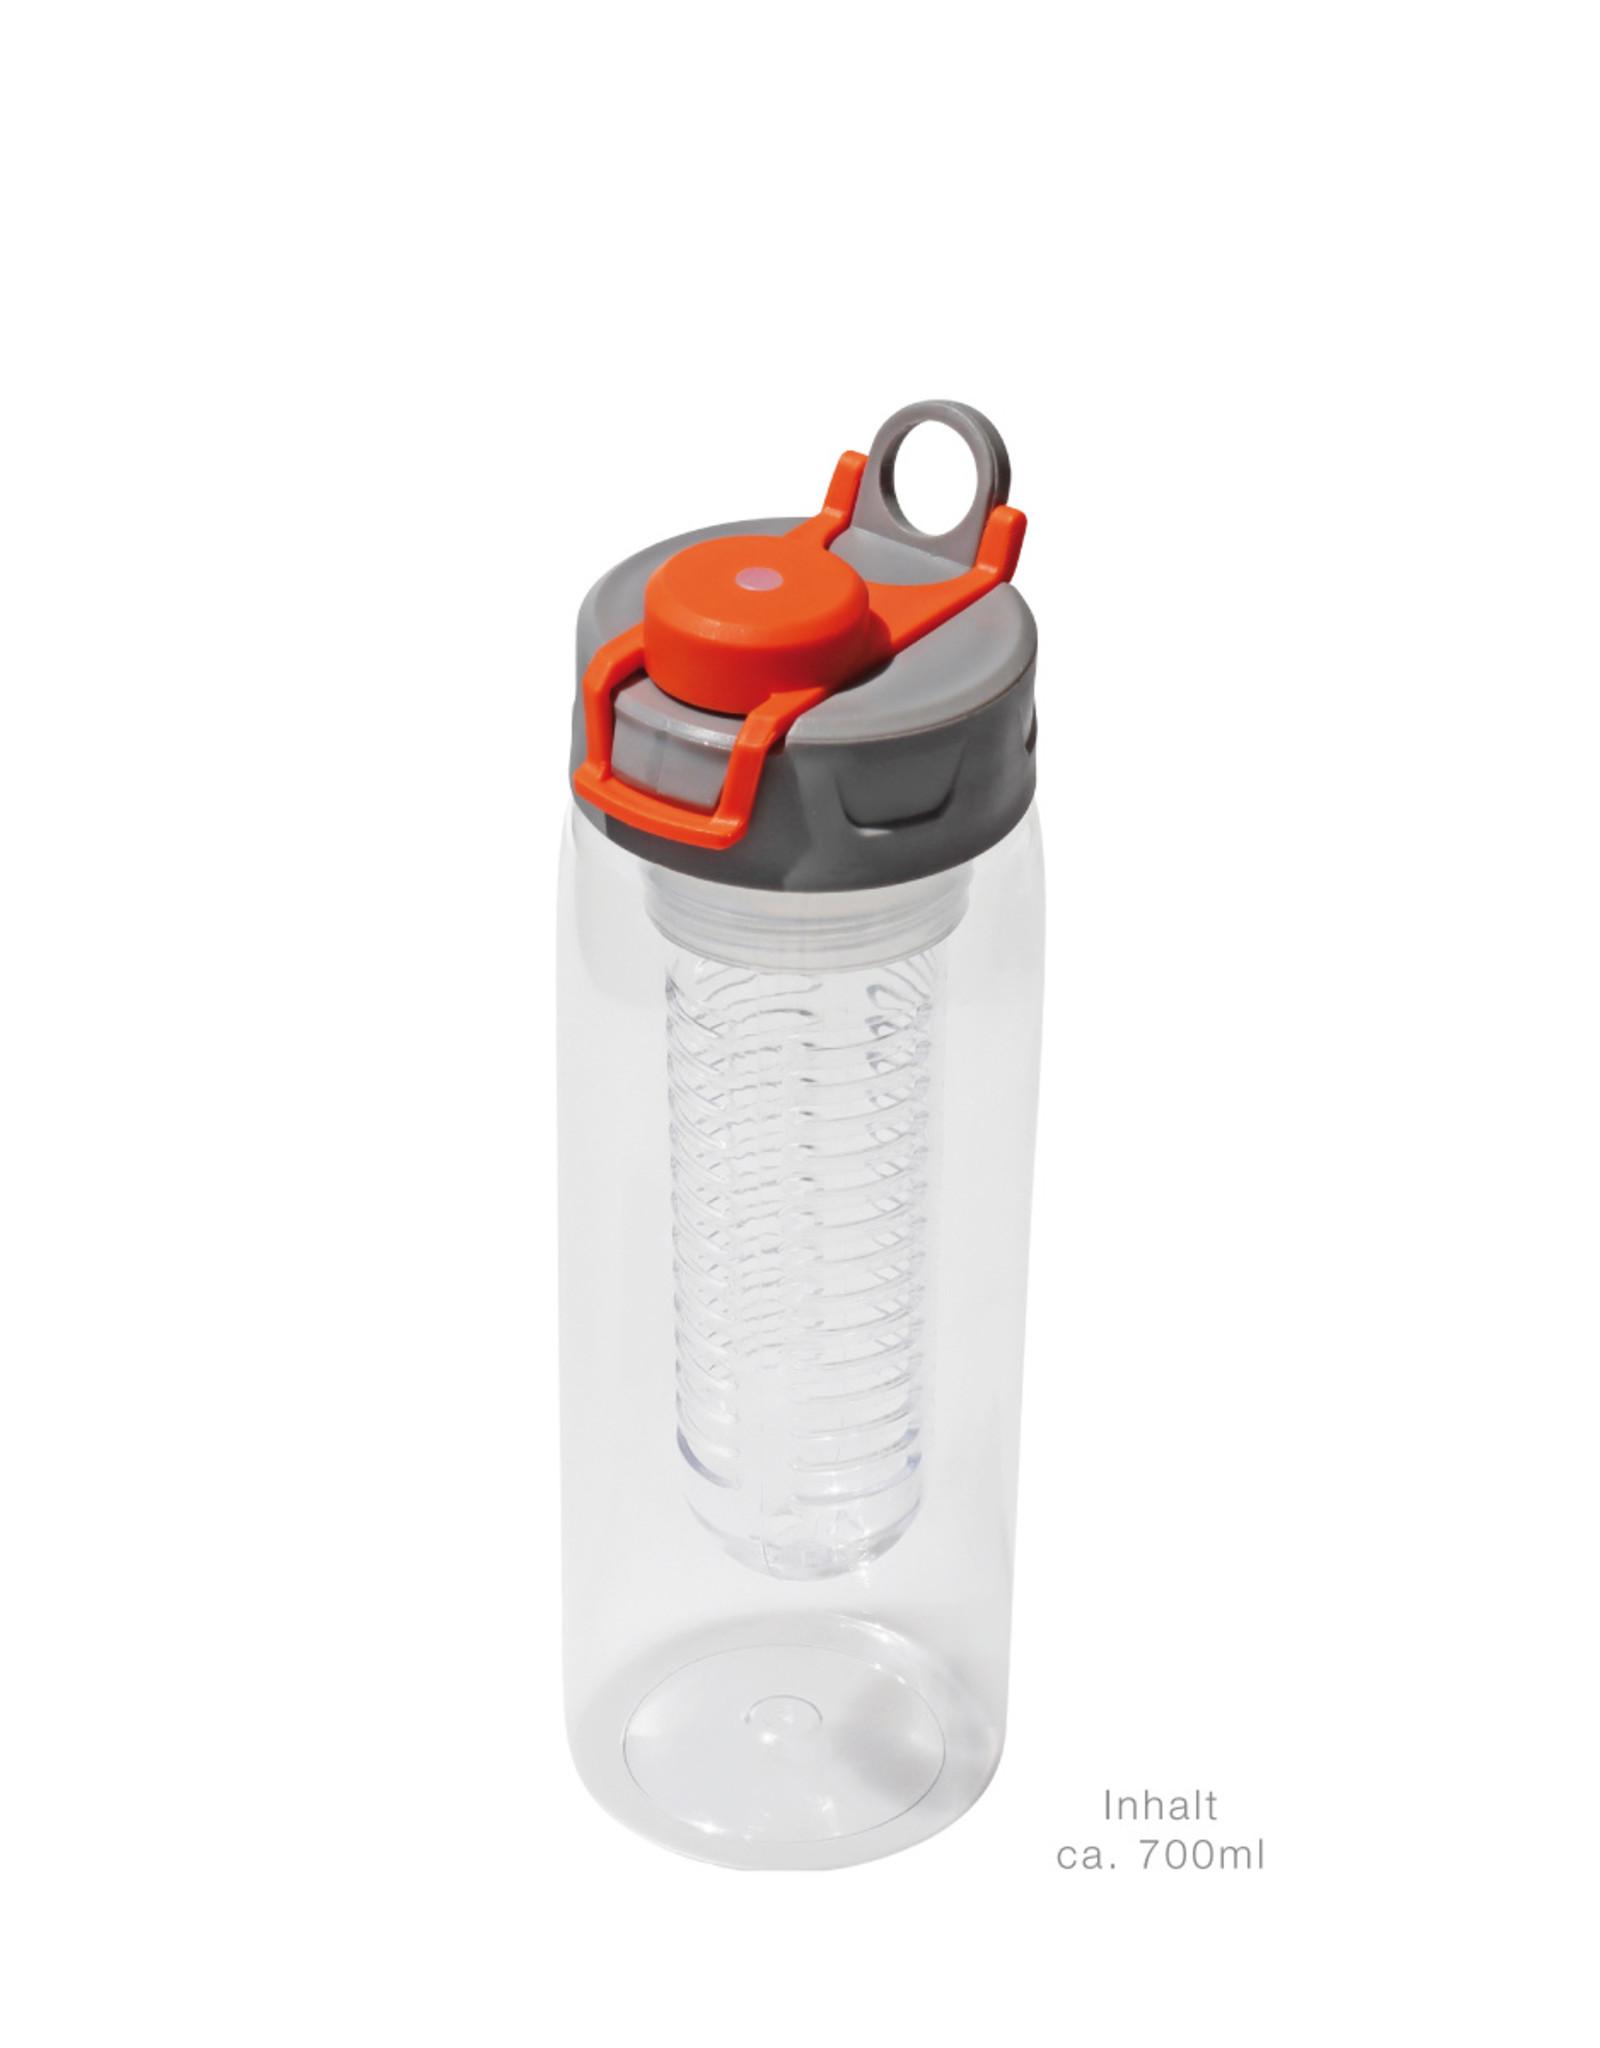 INVITALIS AQ 700 - Orange